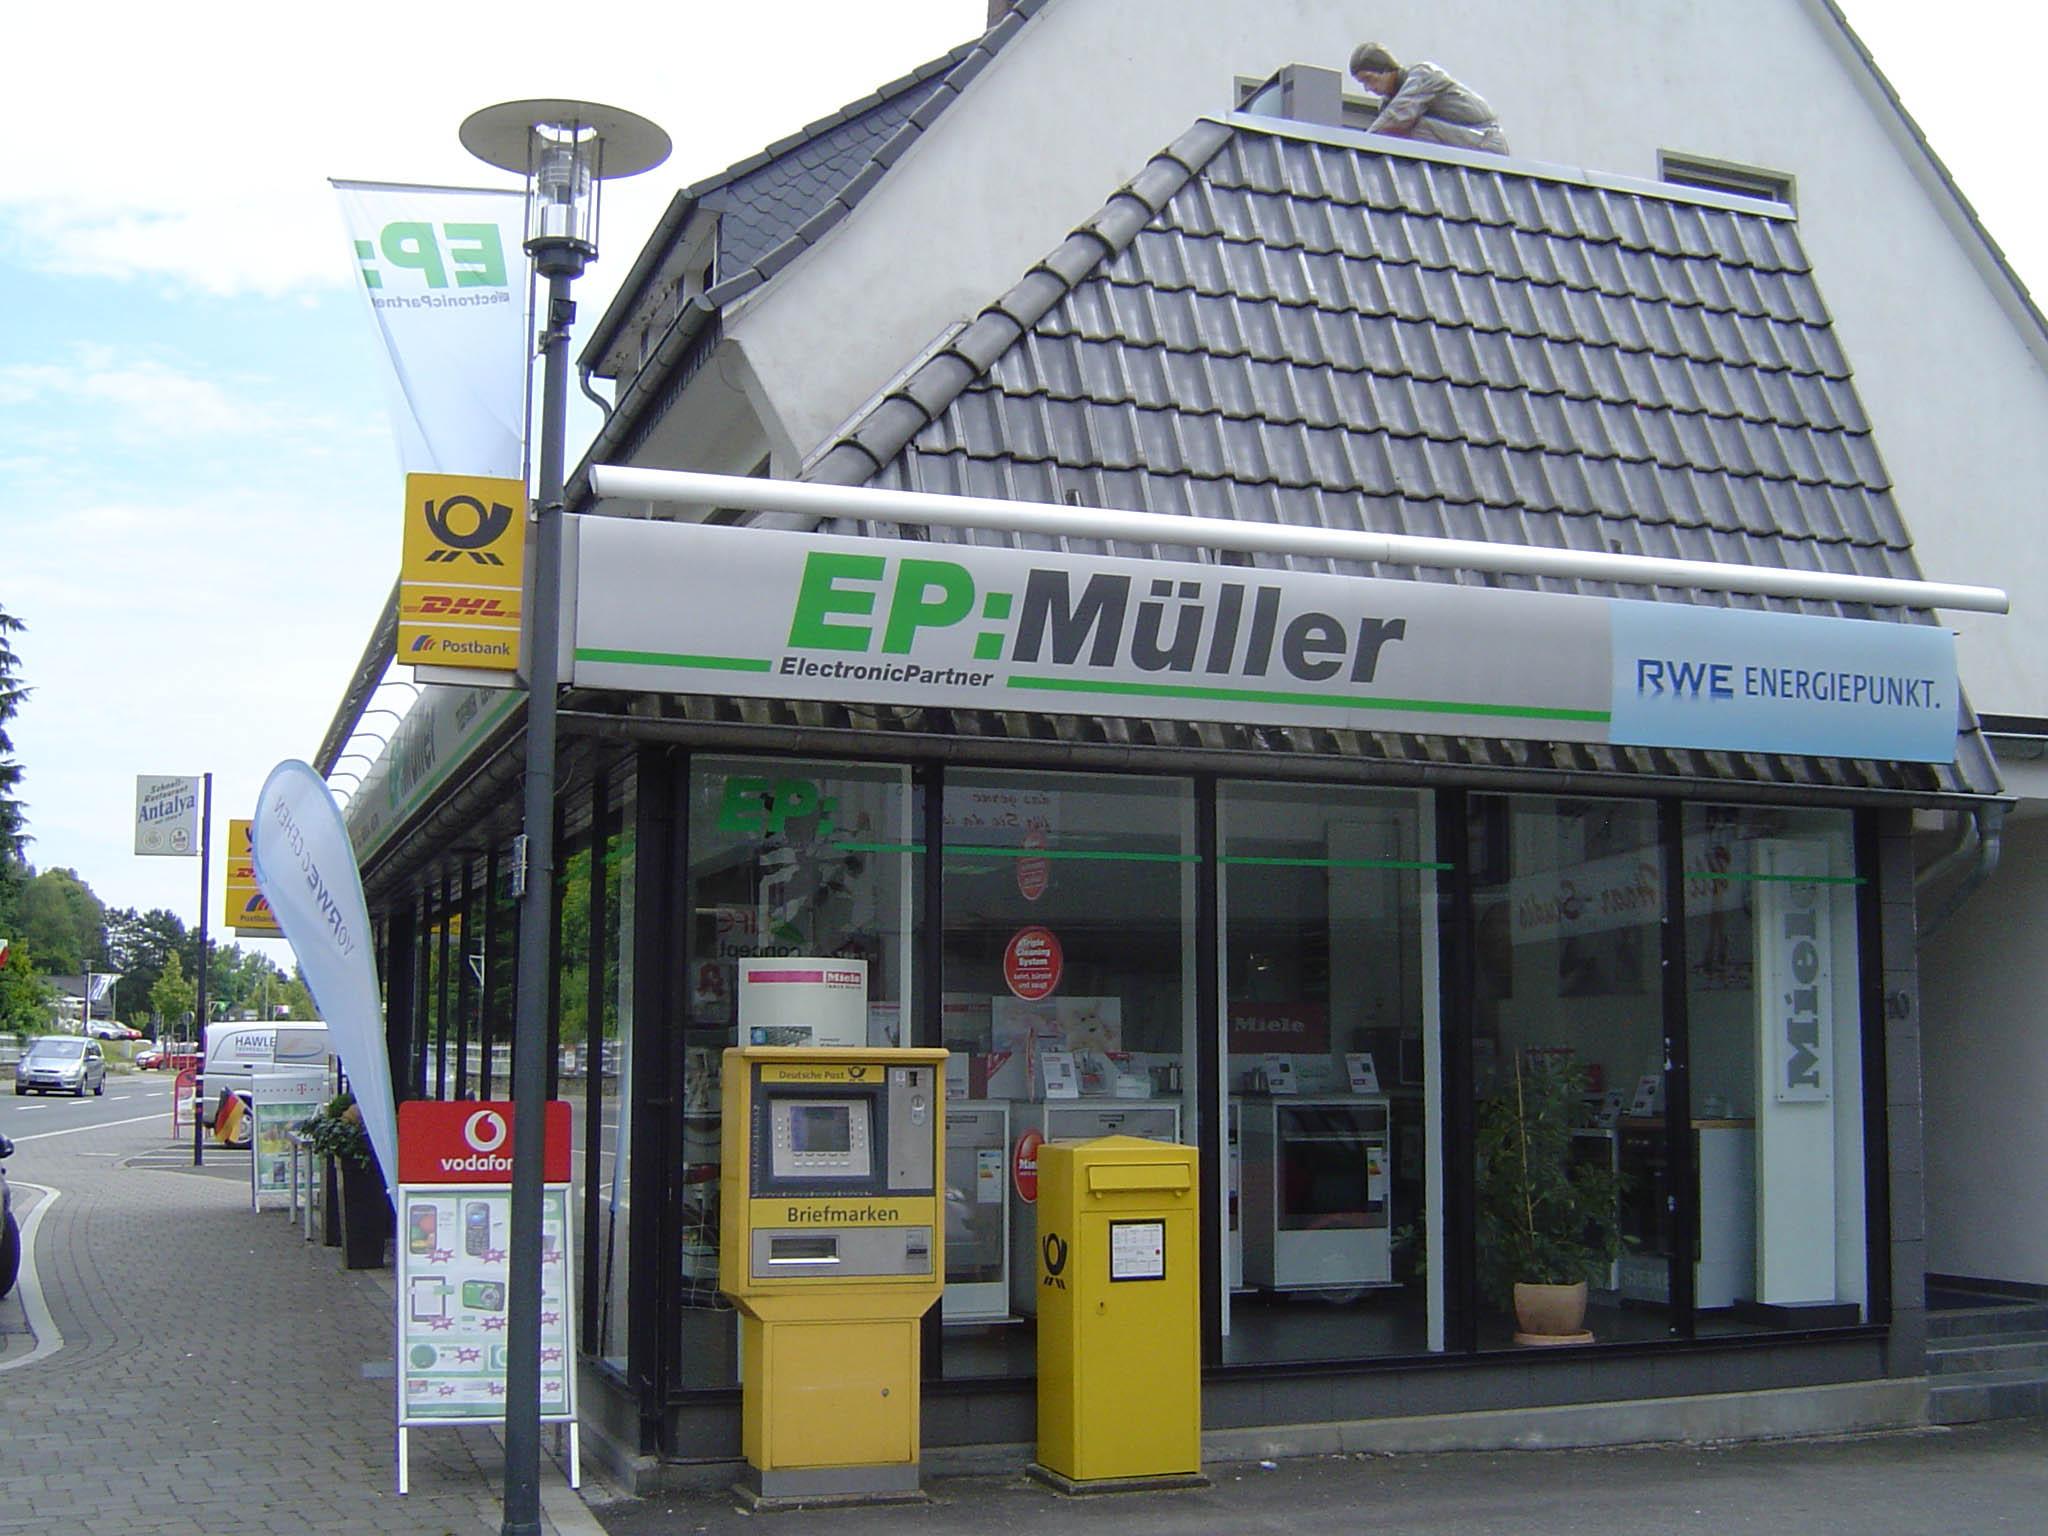 Einer für fast alles: EP: Müller ist auch Post-Agentur und Vodafone-Shop, RWE-Berater und Wertgarantie-Vermittler.